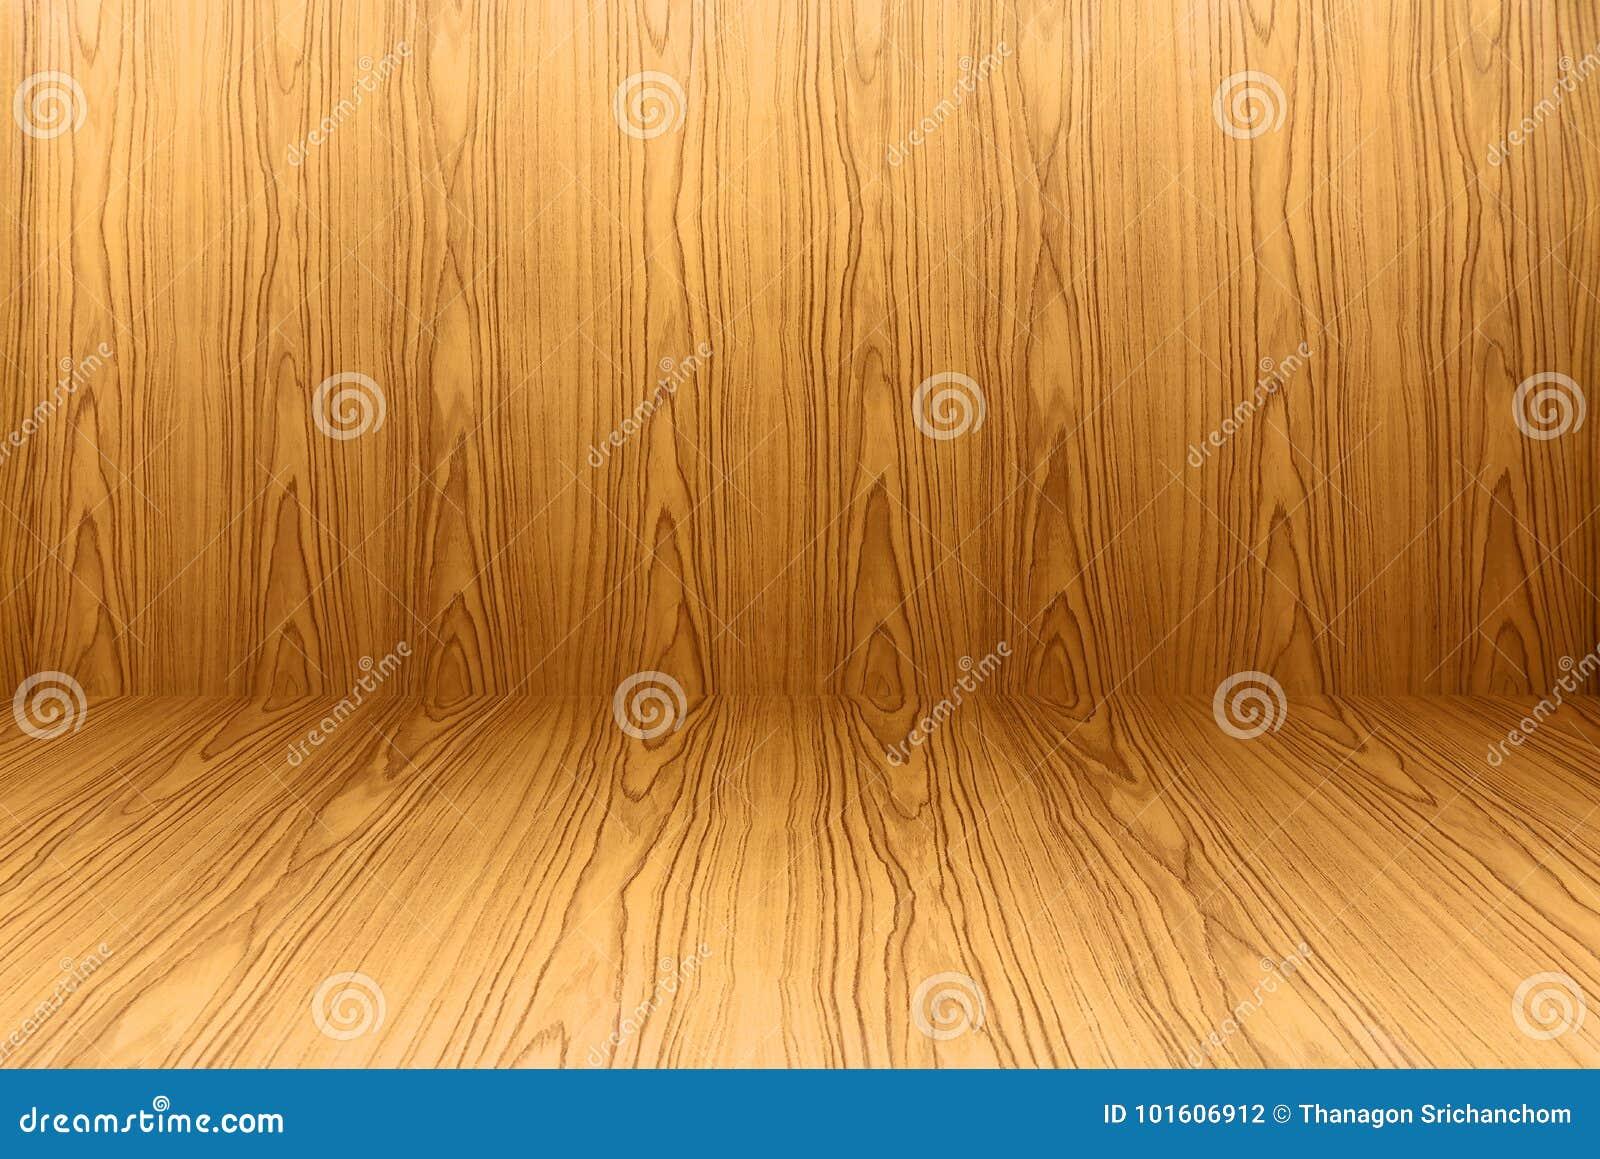 Texture Of Teak Wood Background Wooden Floor And Wallpaper